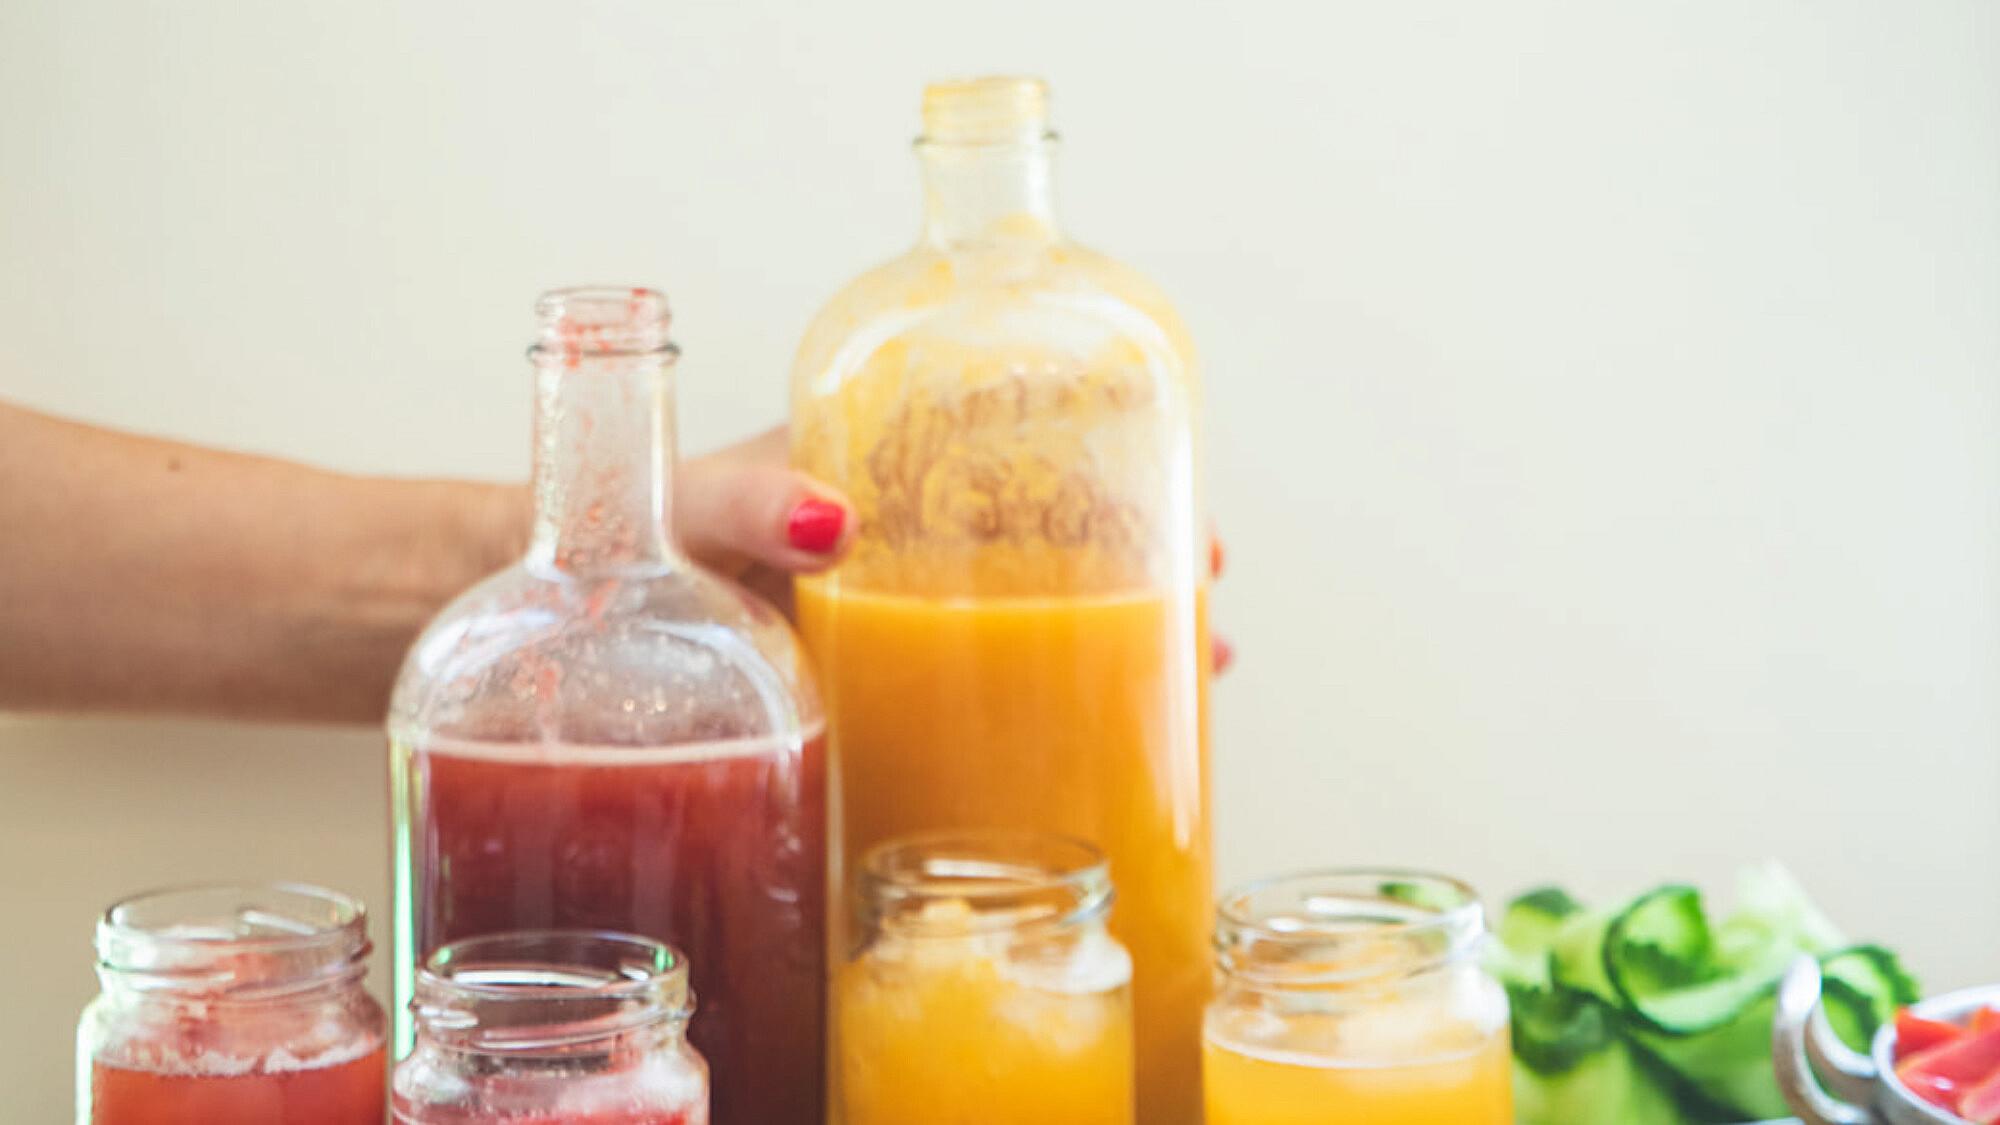 תרכיזי מיץ פירות של רינת צדוק. צילום: שני בריל, סטיילינג: דרור גולן